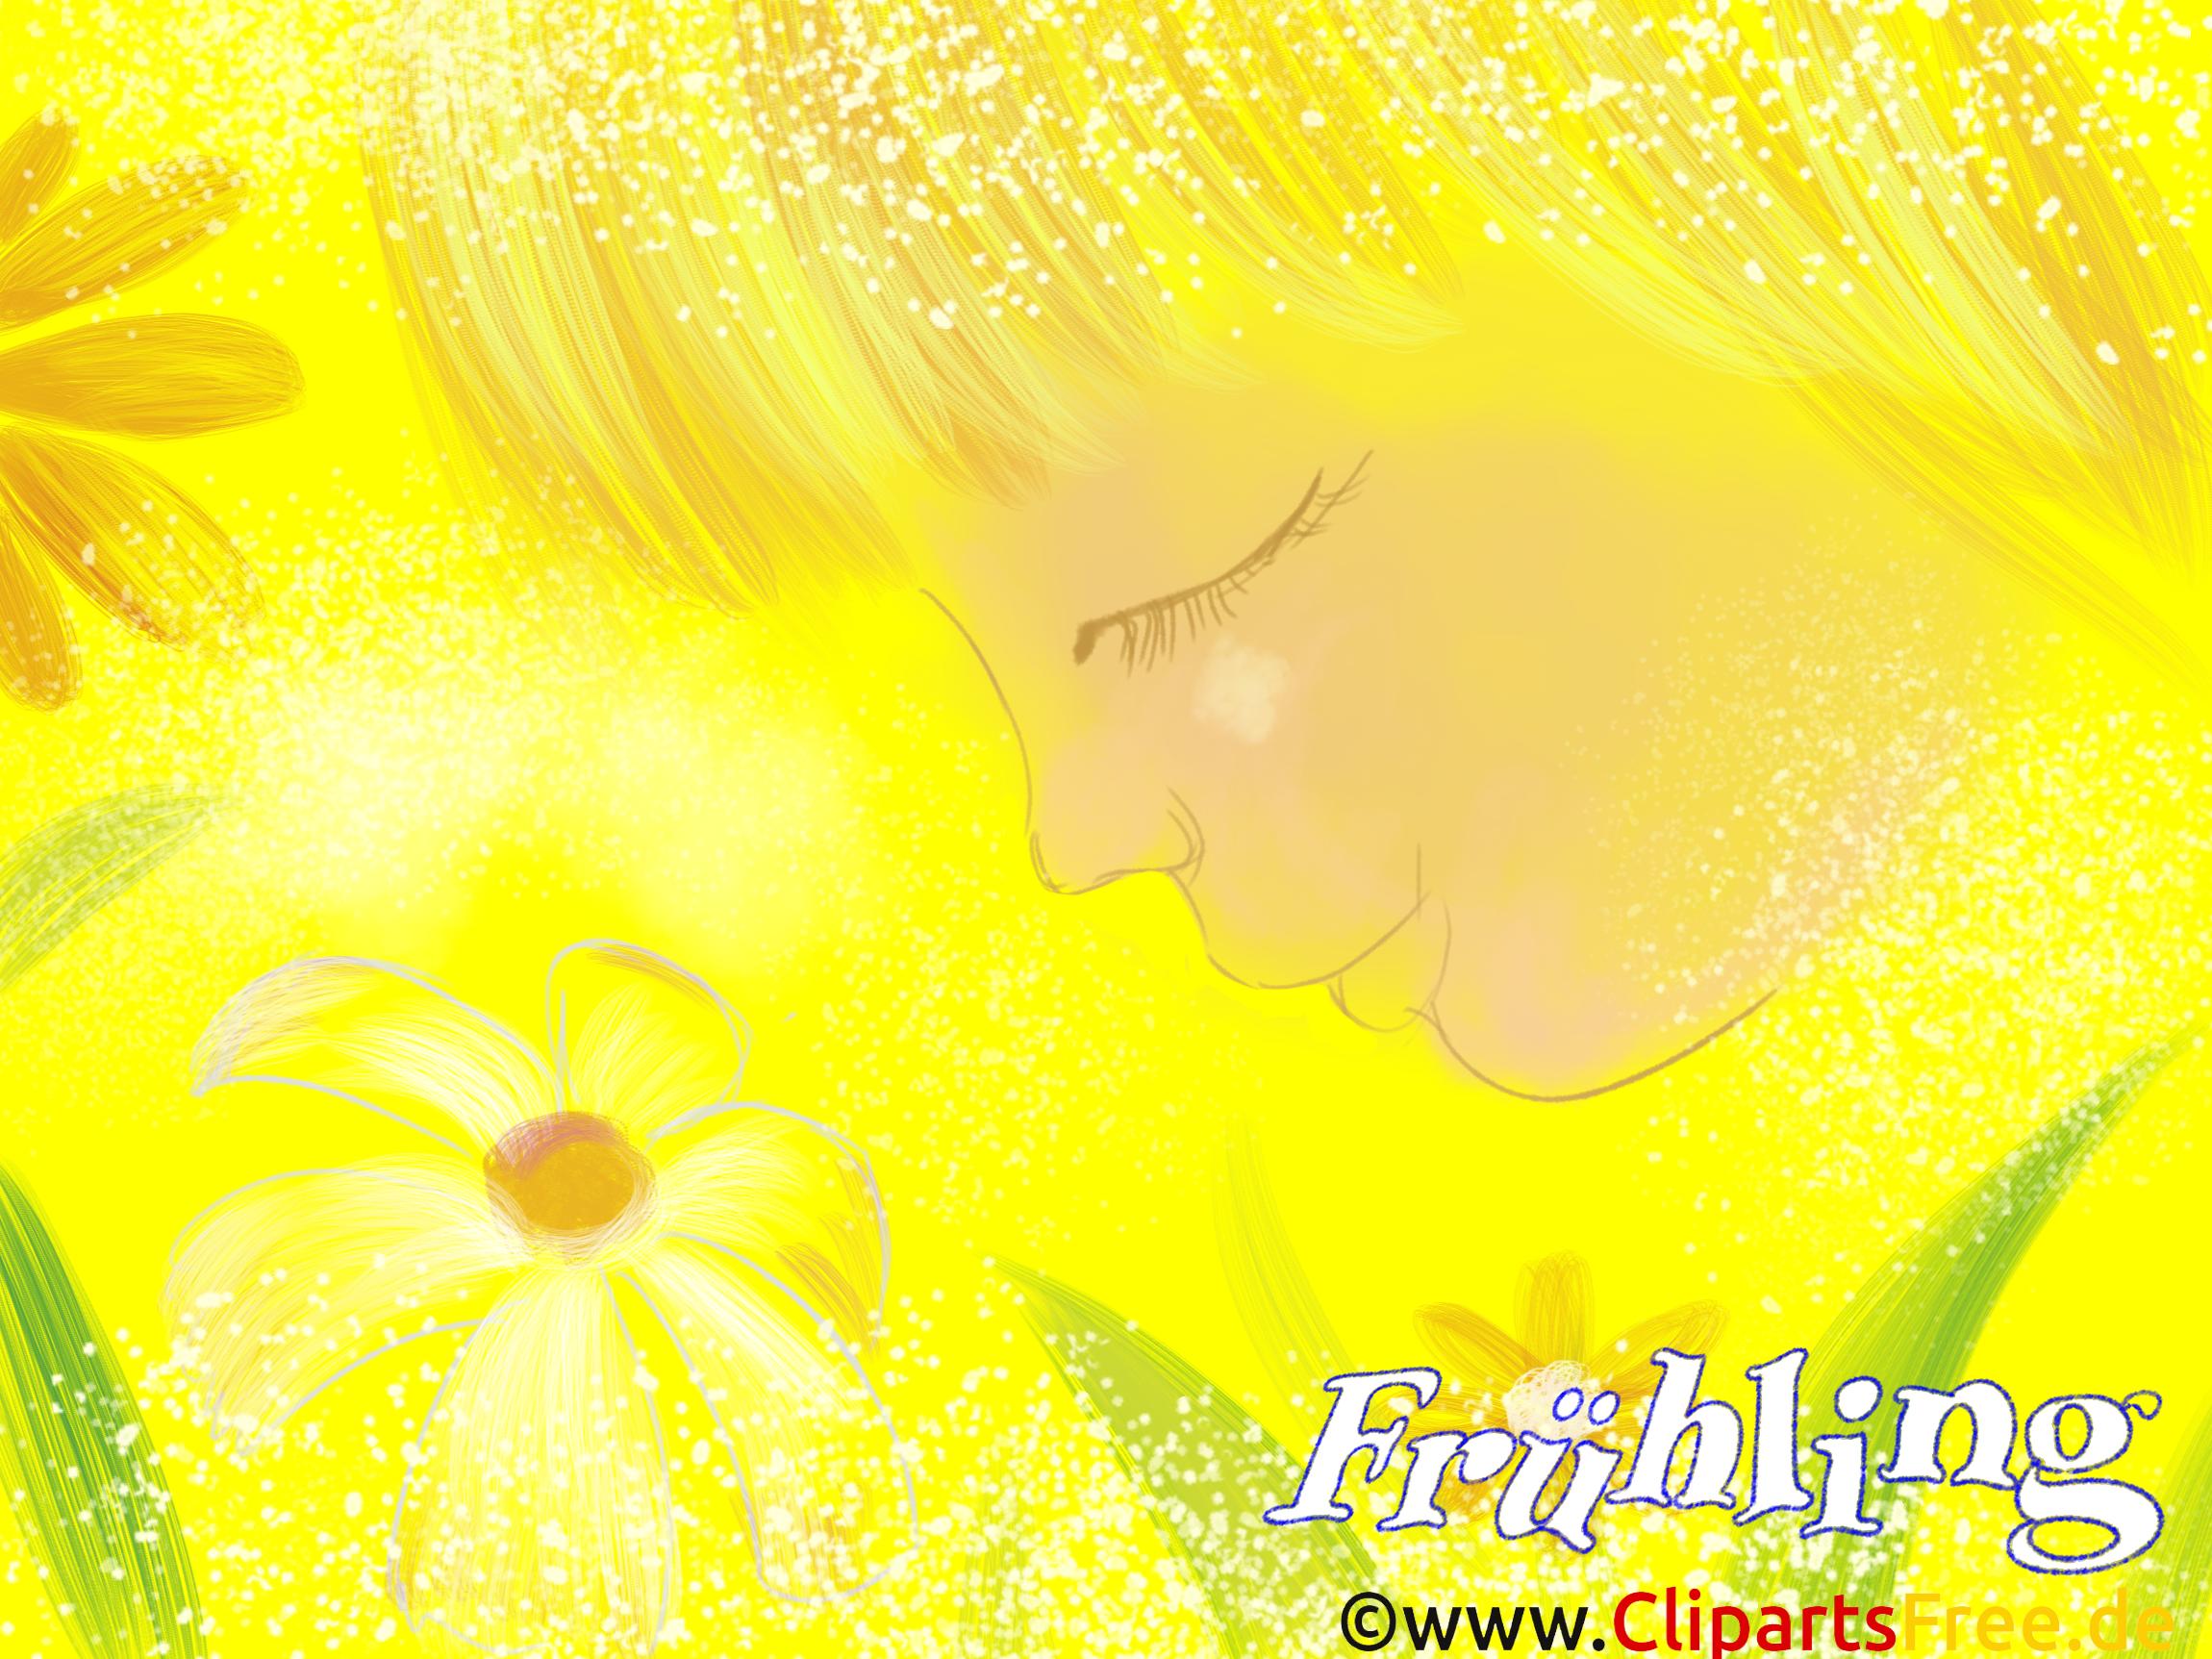 Fleur images - Fonds d'écran dessins